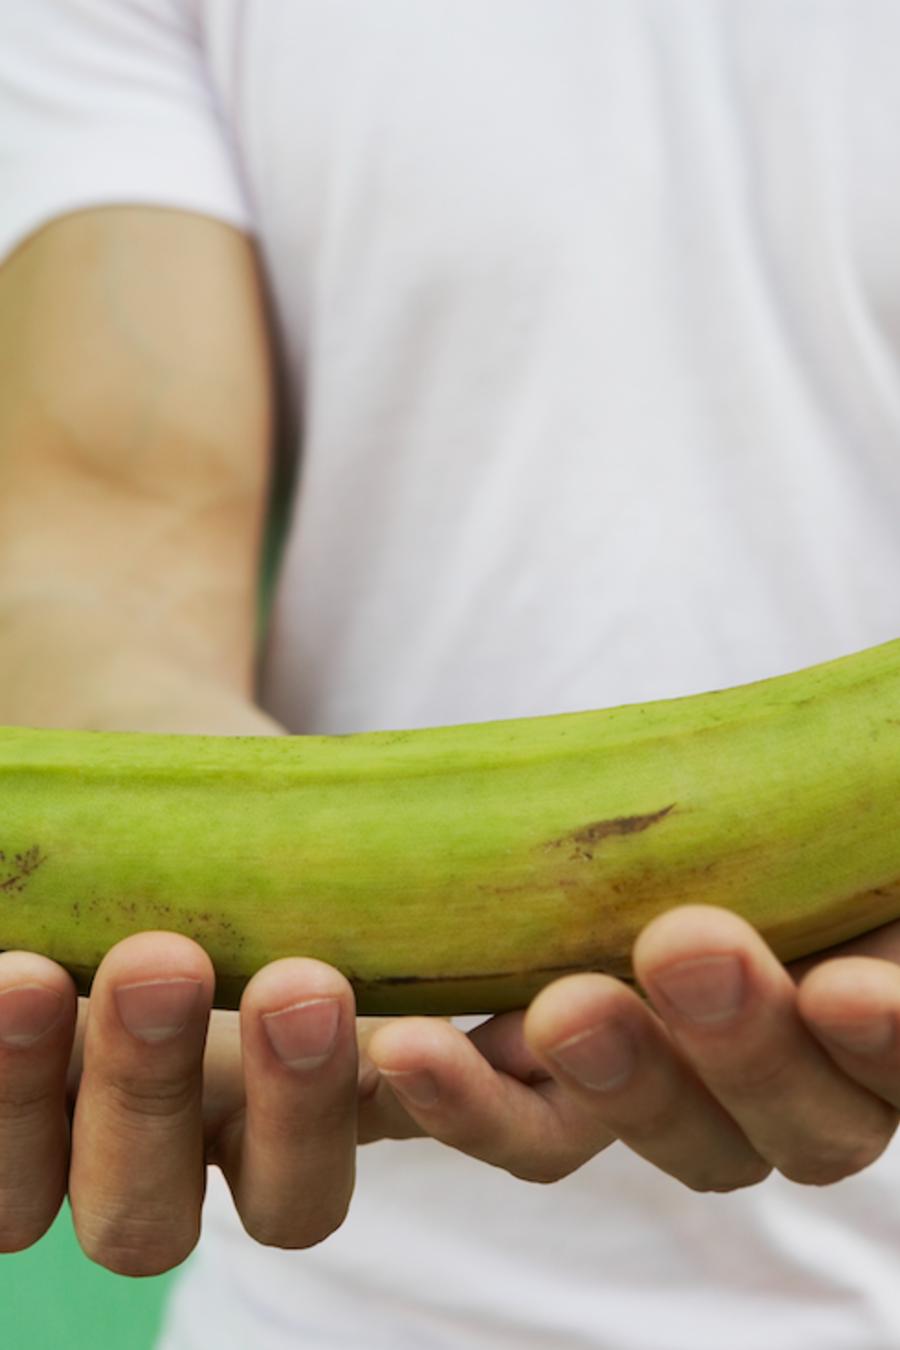 how to choose a plátano